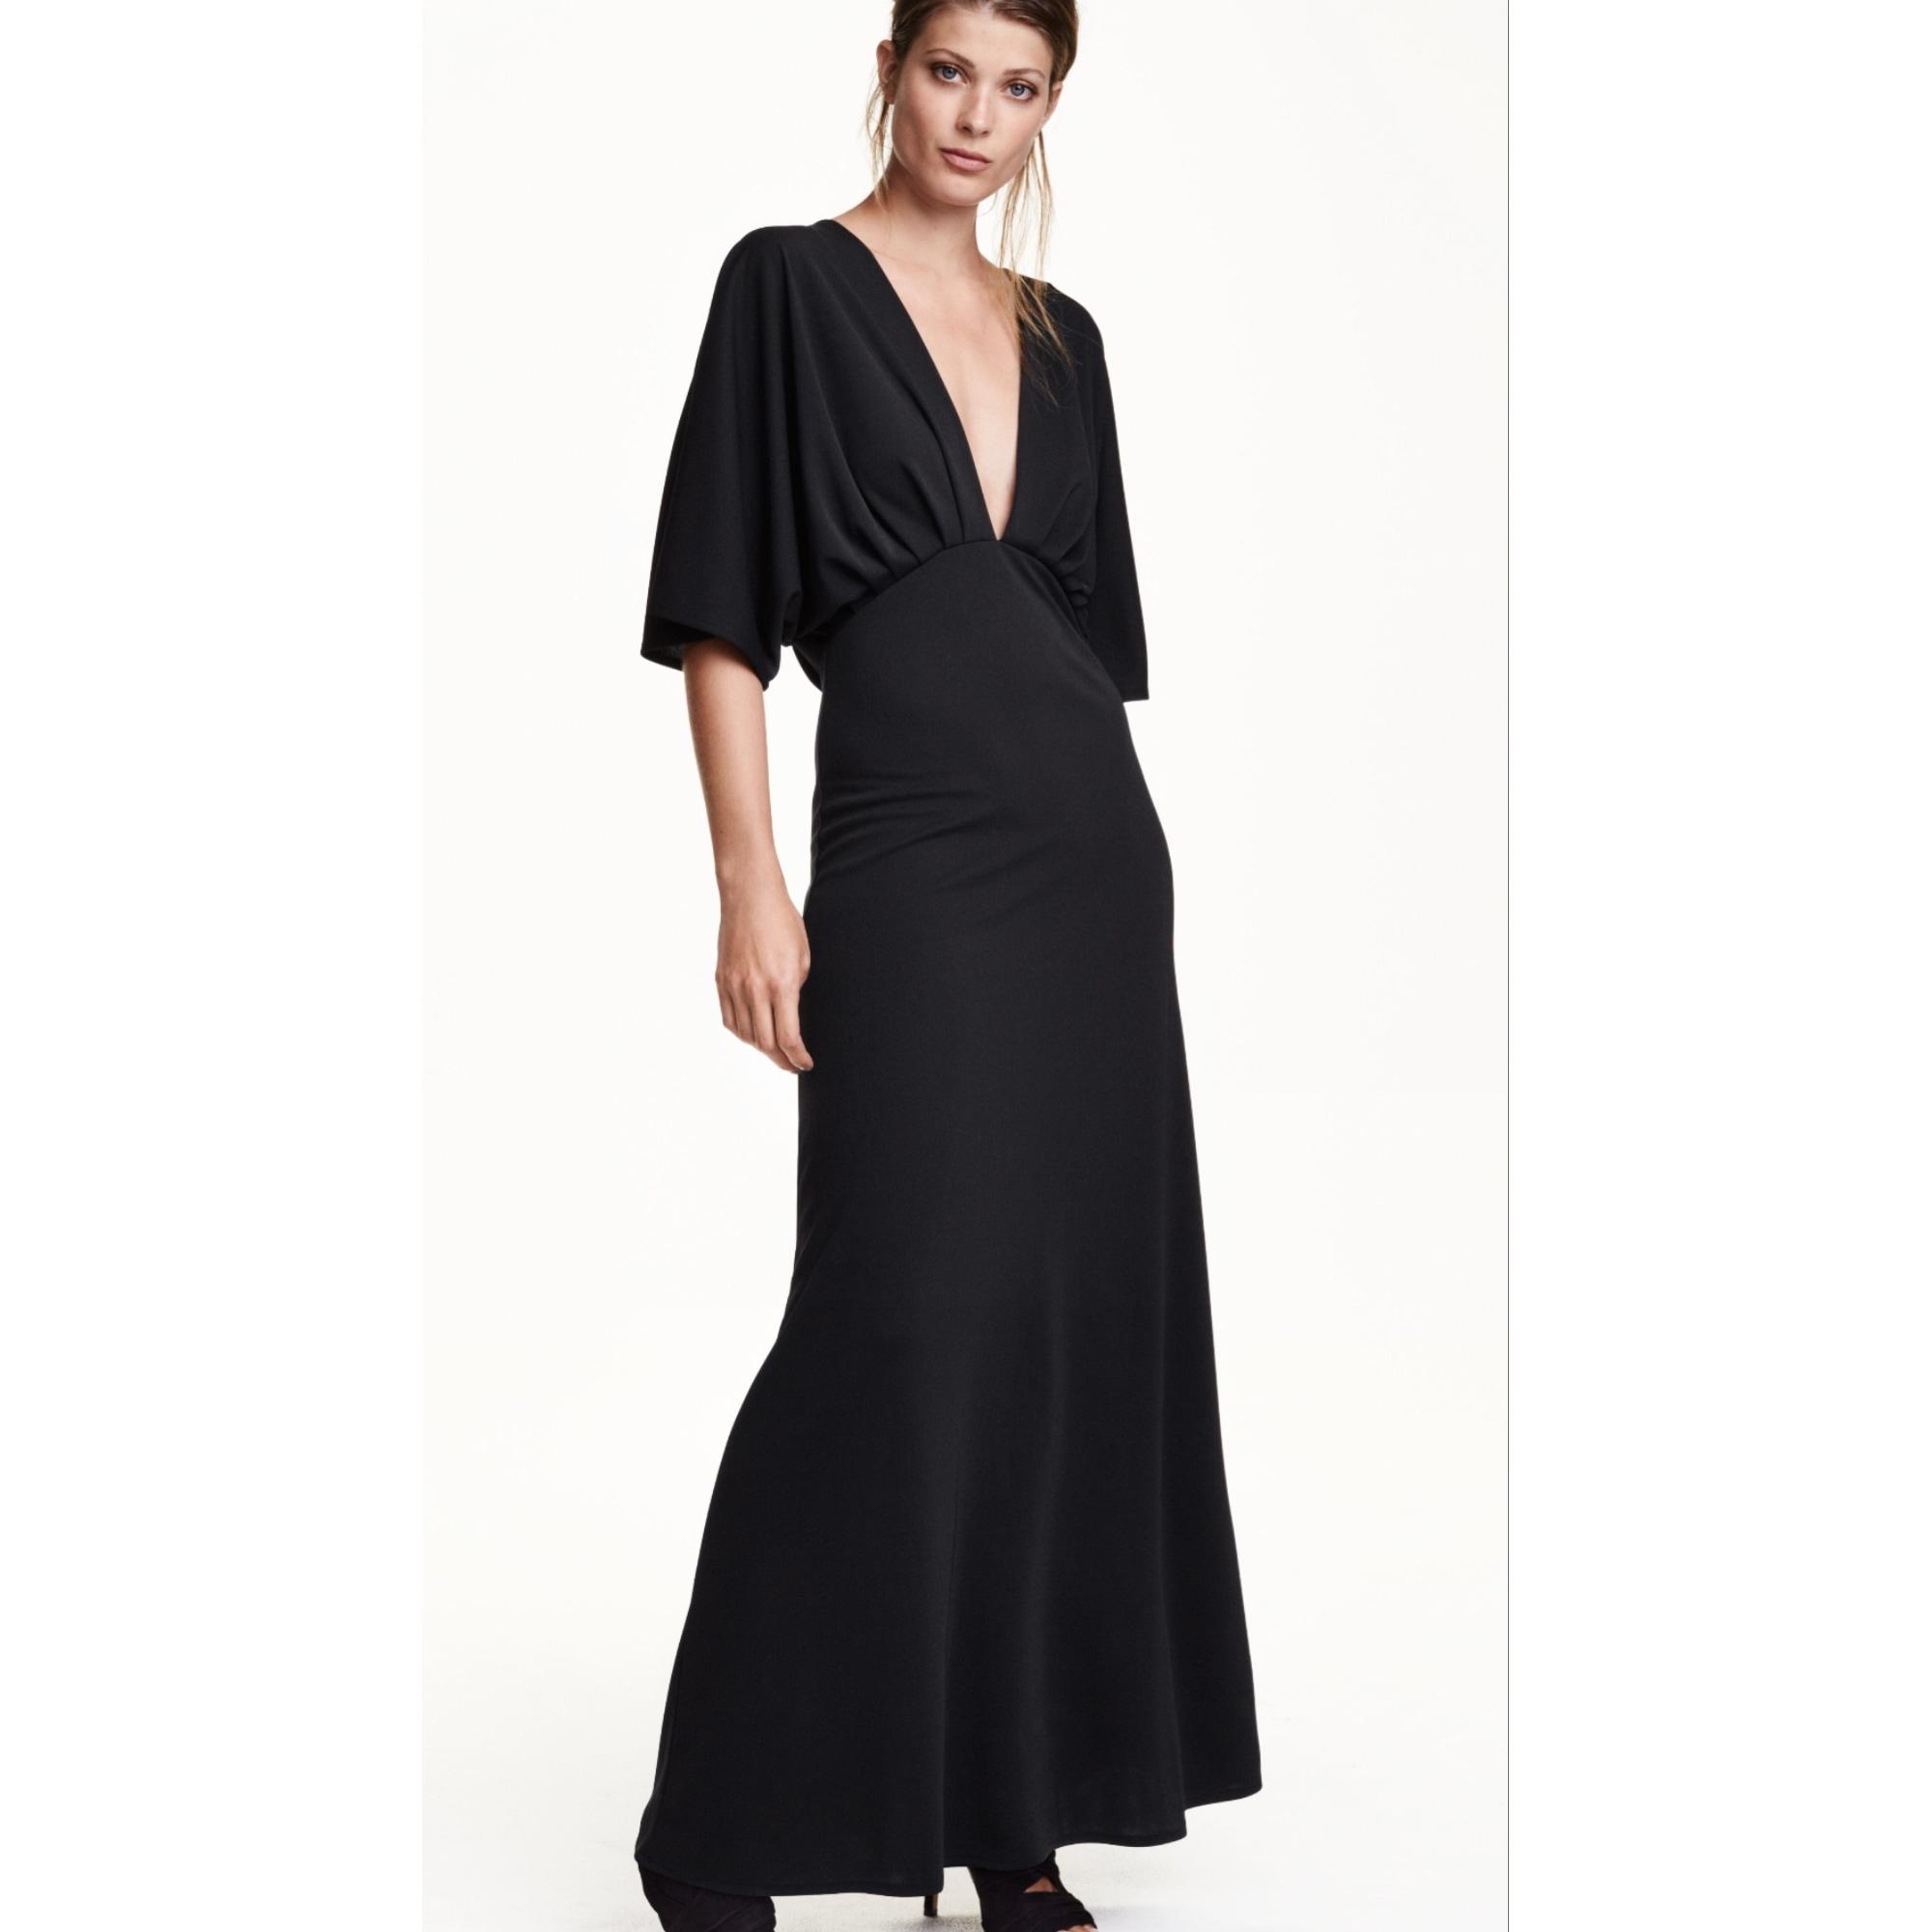 robe longue h m 34 xs t0 noir 6482828. Black Bedroom Furniture Sets. Home Design Ideas